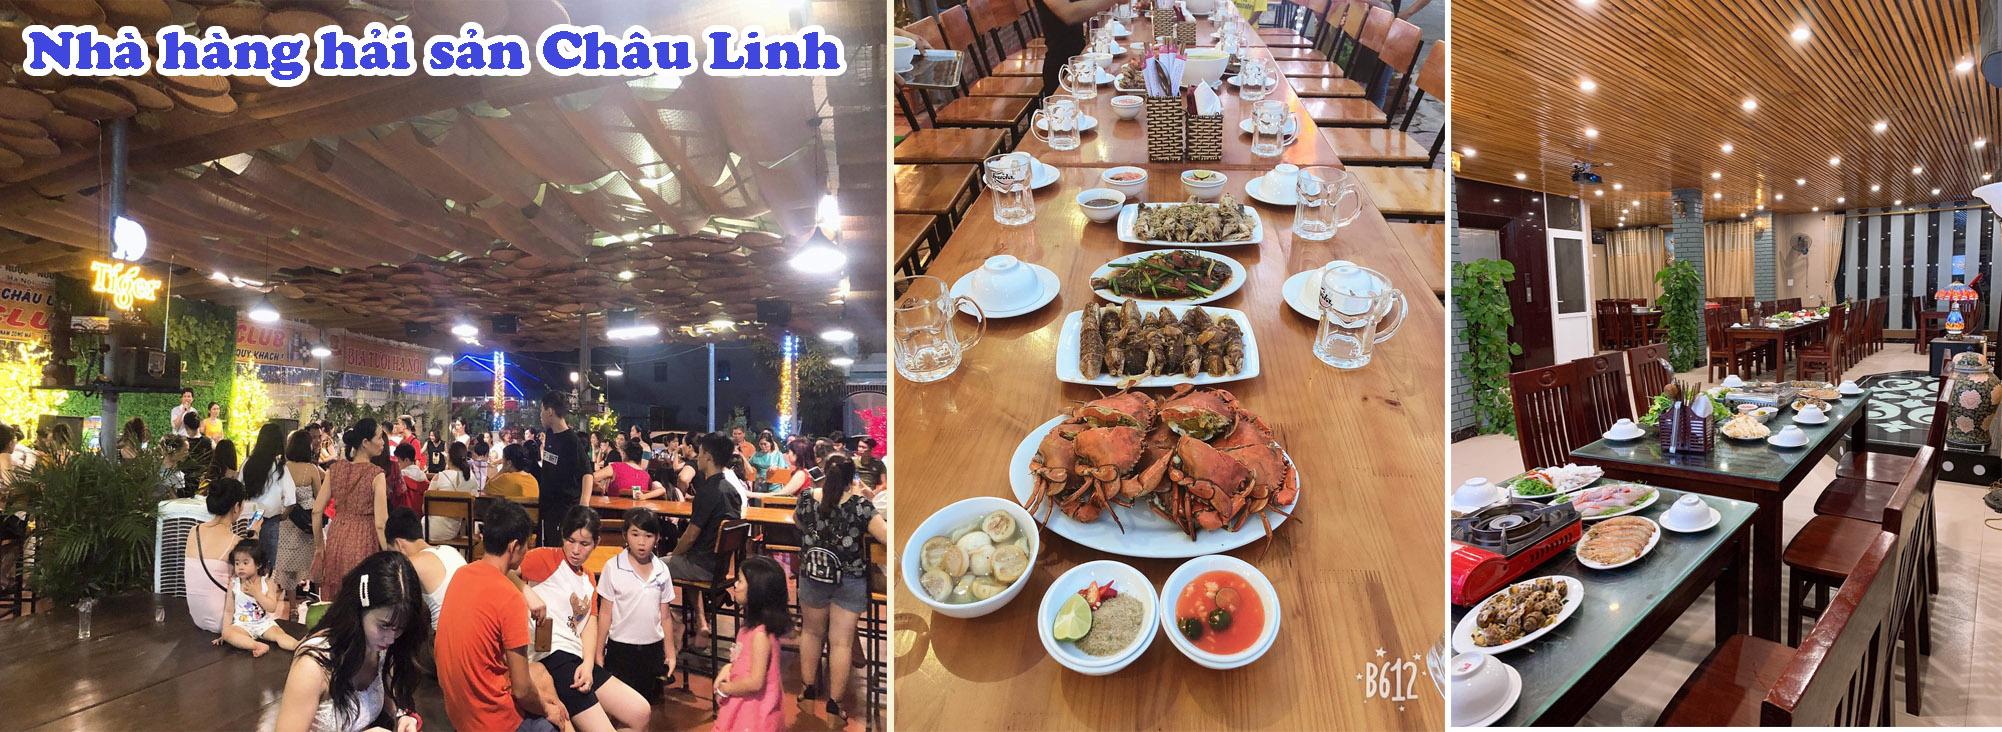 NHÀ HÀNG HẢI SẢN CHÂU LINH - Nhà hàng hải sản tươi sống ngon tại Sầm Sơn